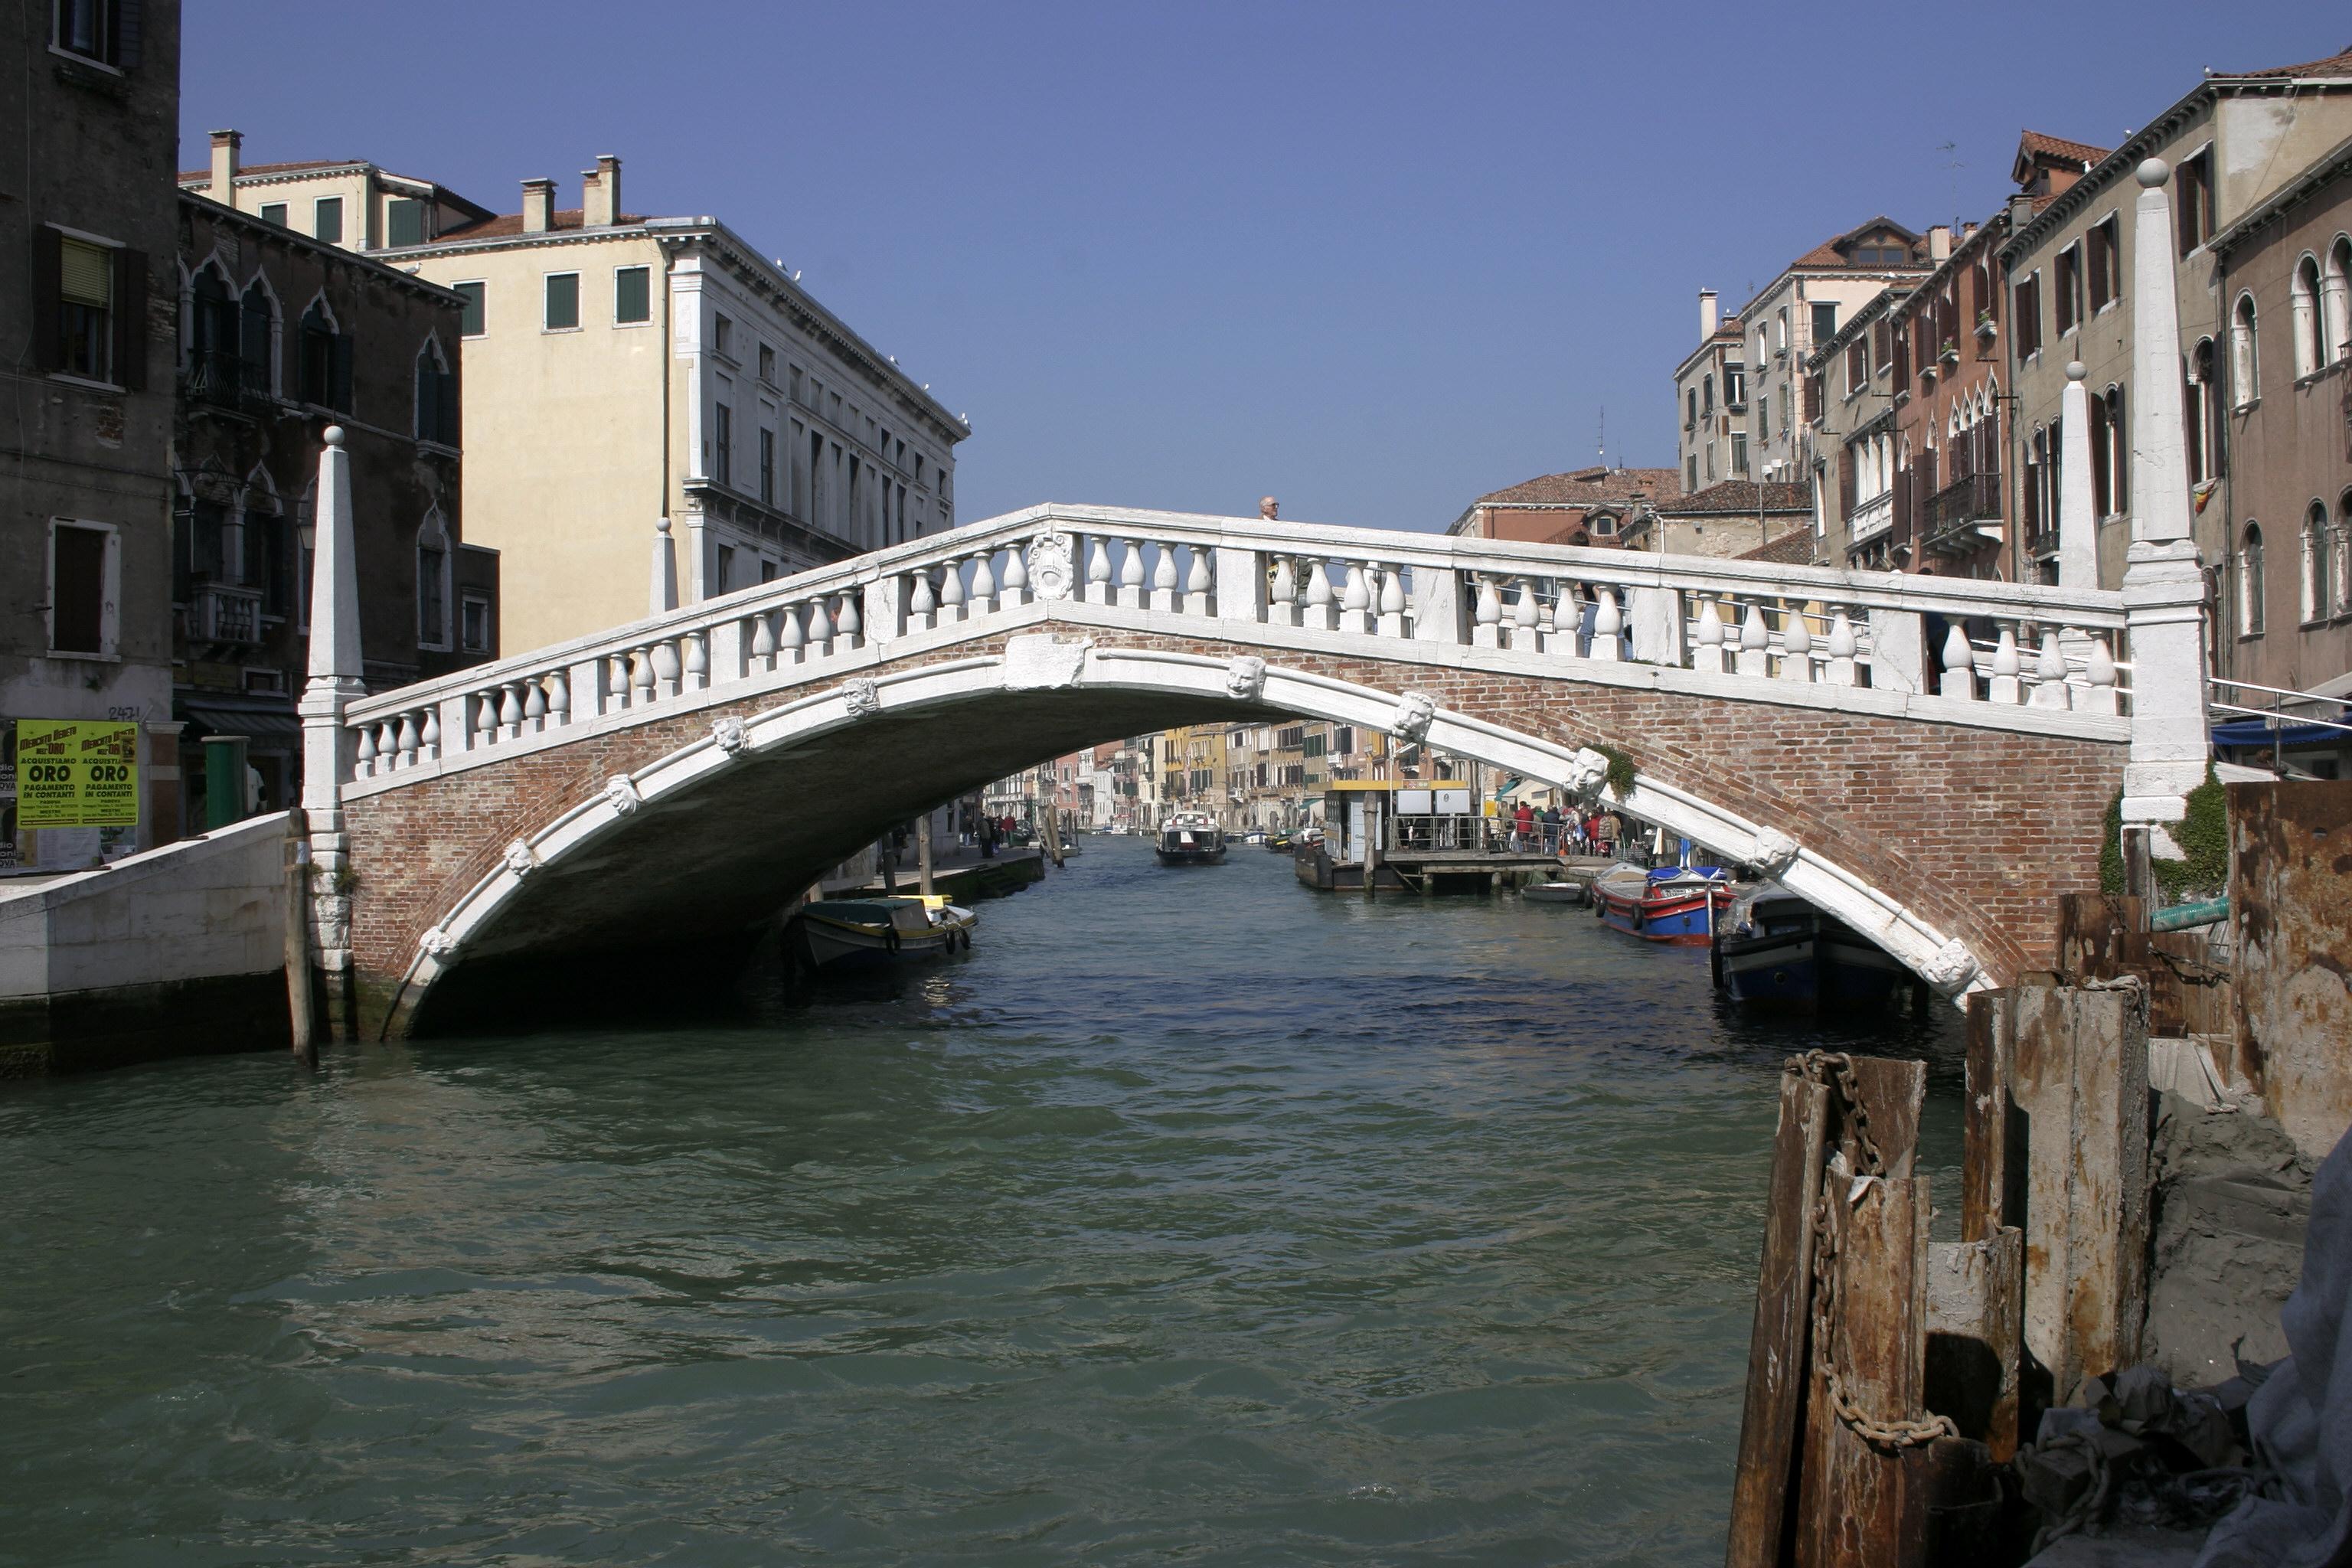 File:Venice - Ponte delle Guglie.jpg - Wikipedia